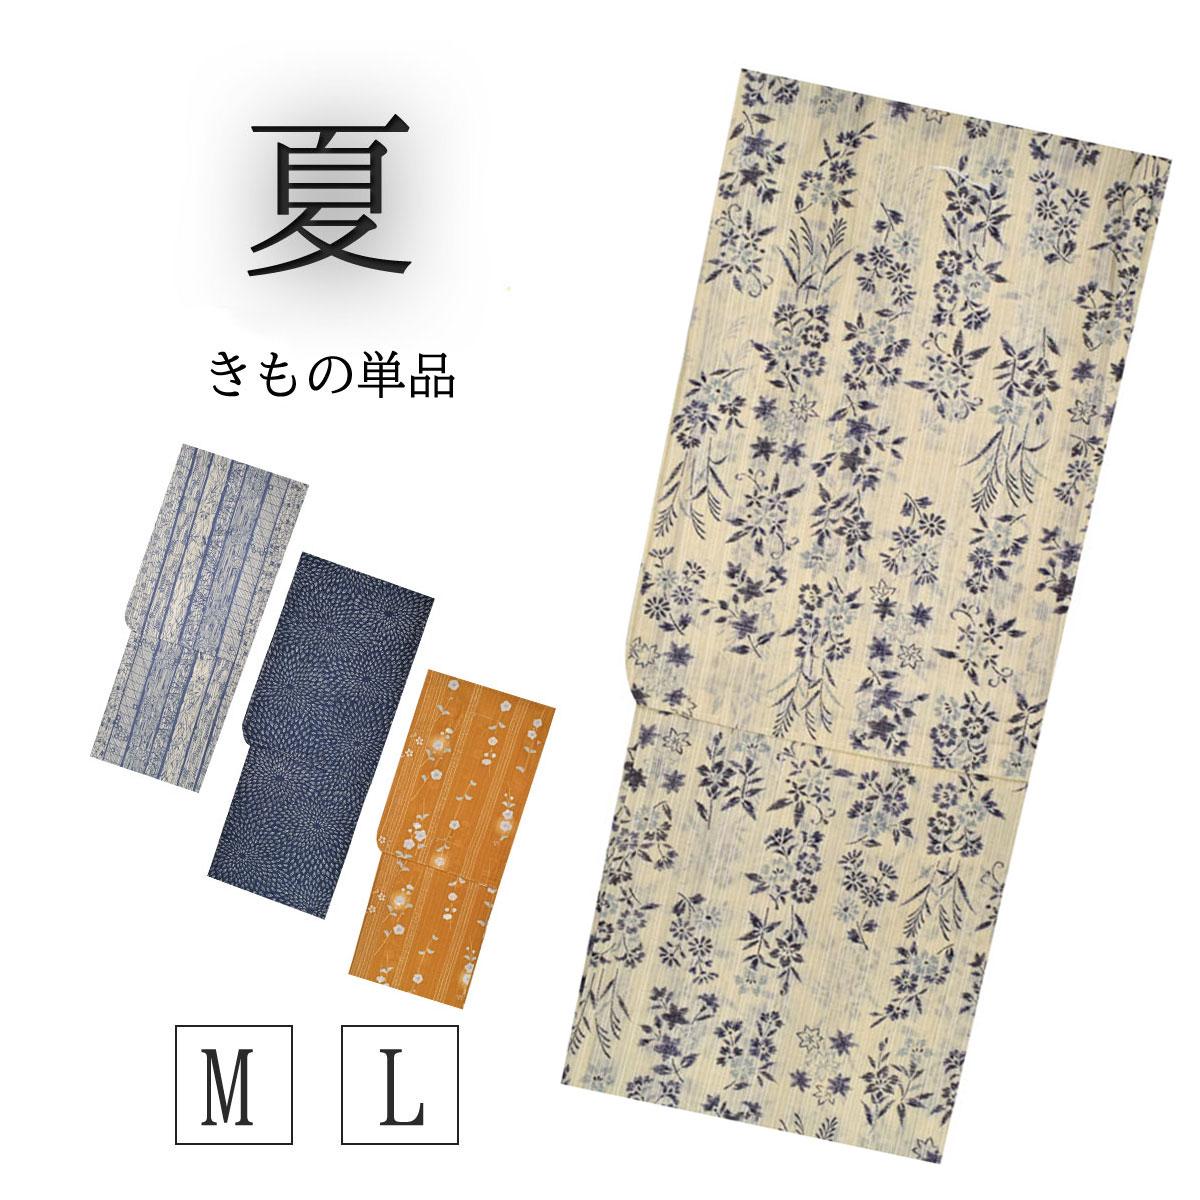 和服, 着物セット  M L c6-43 kimono